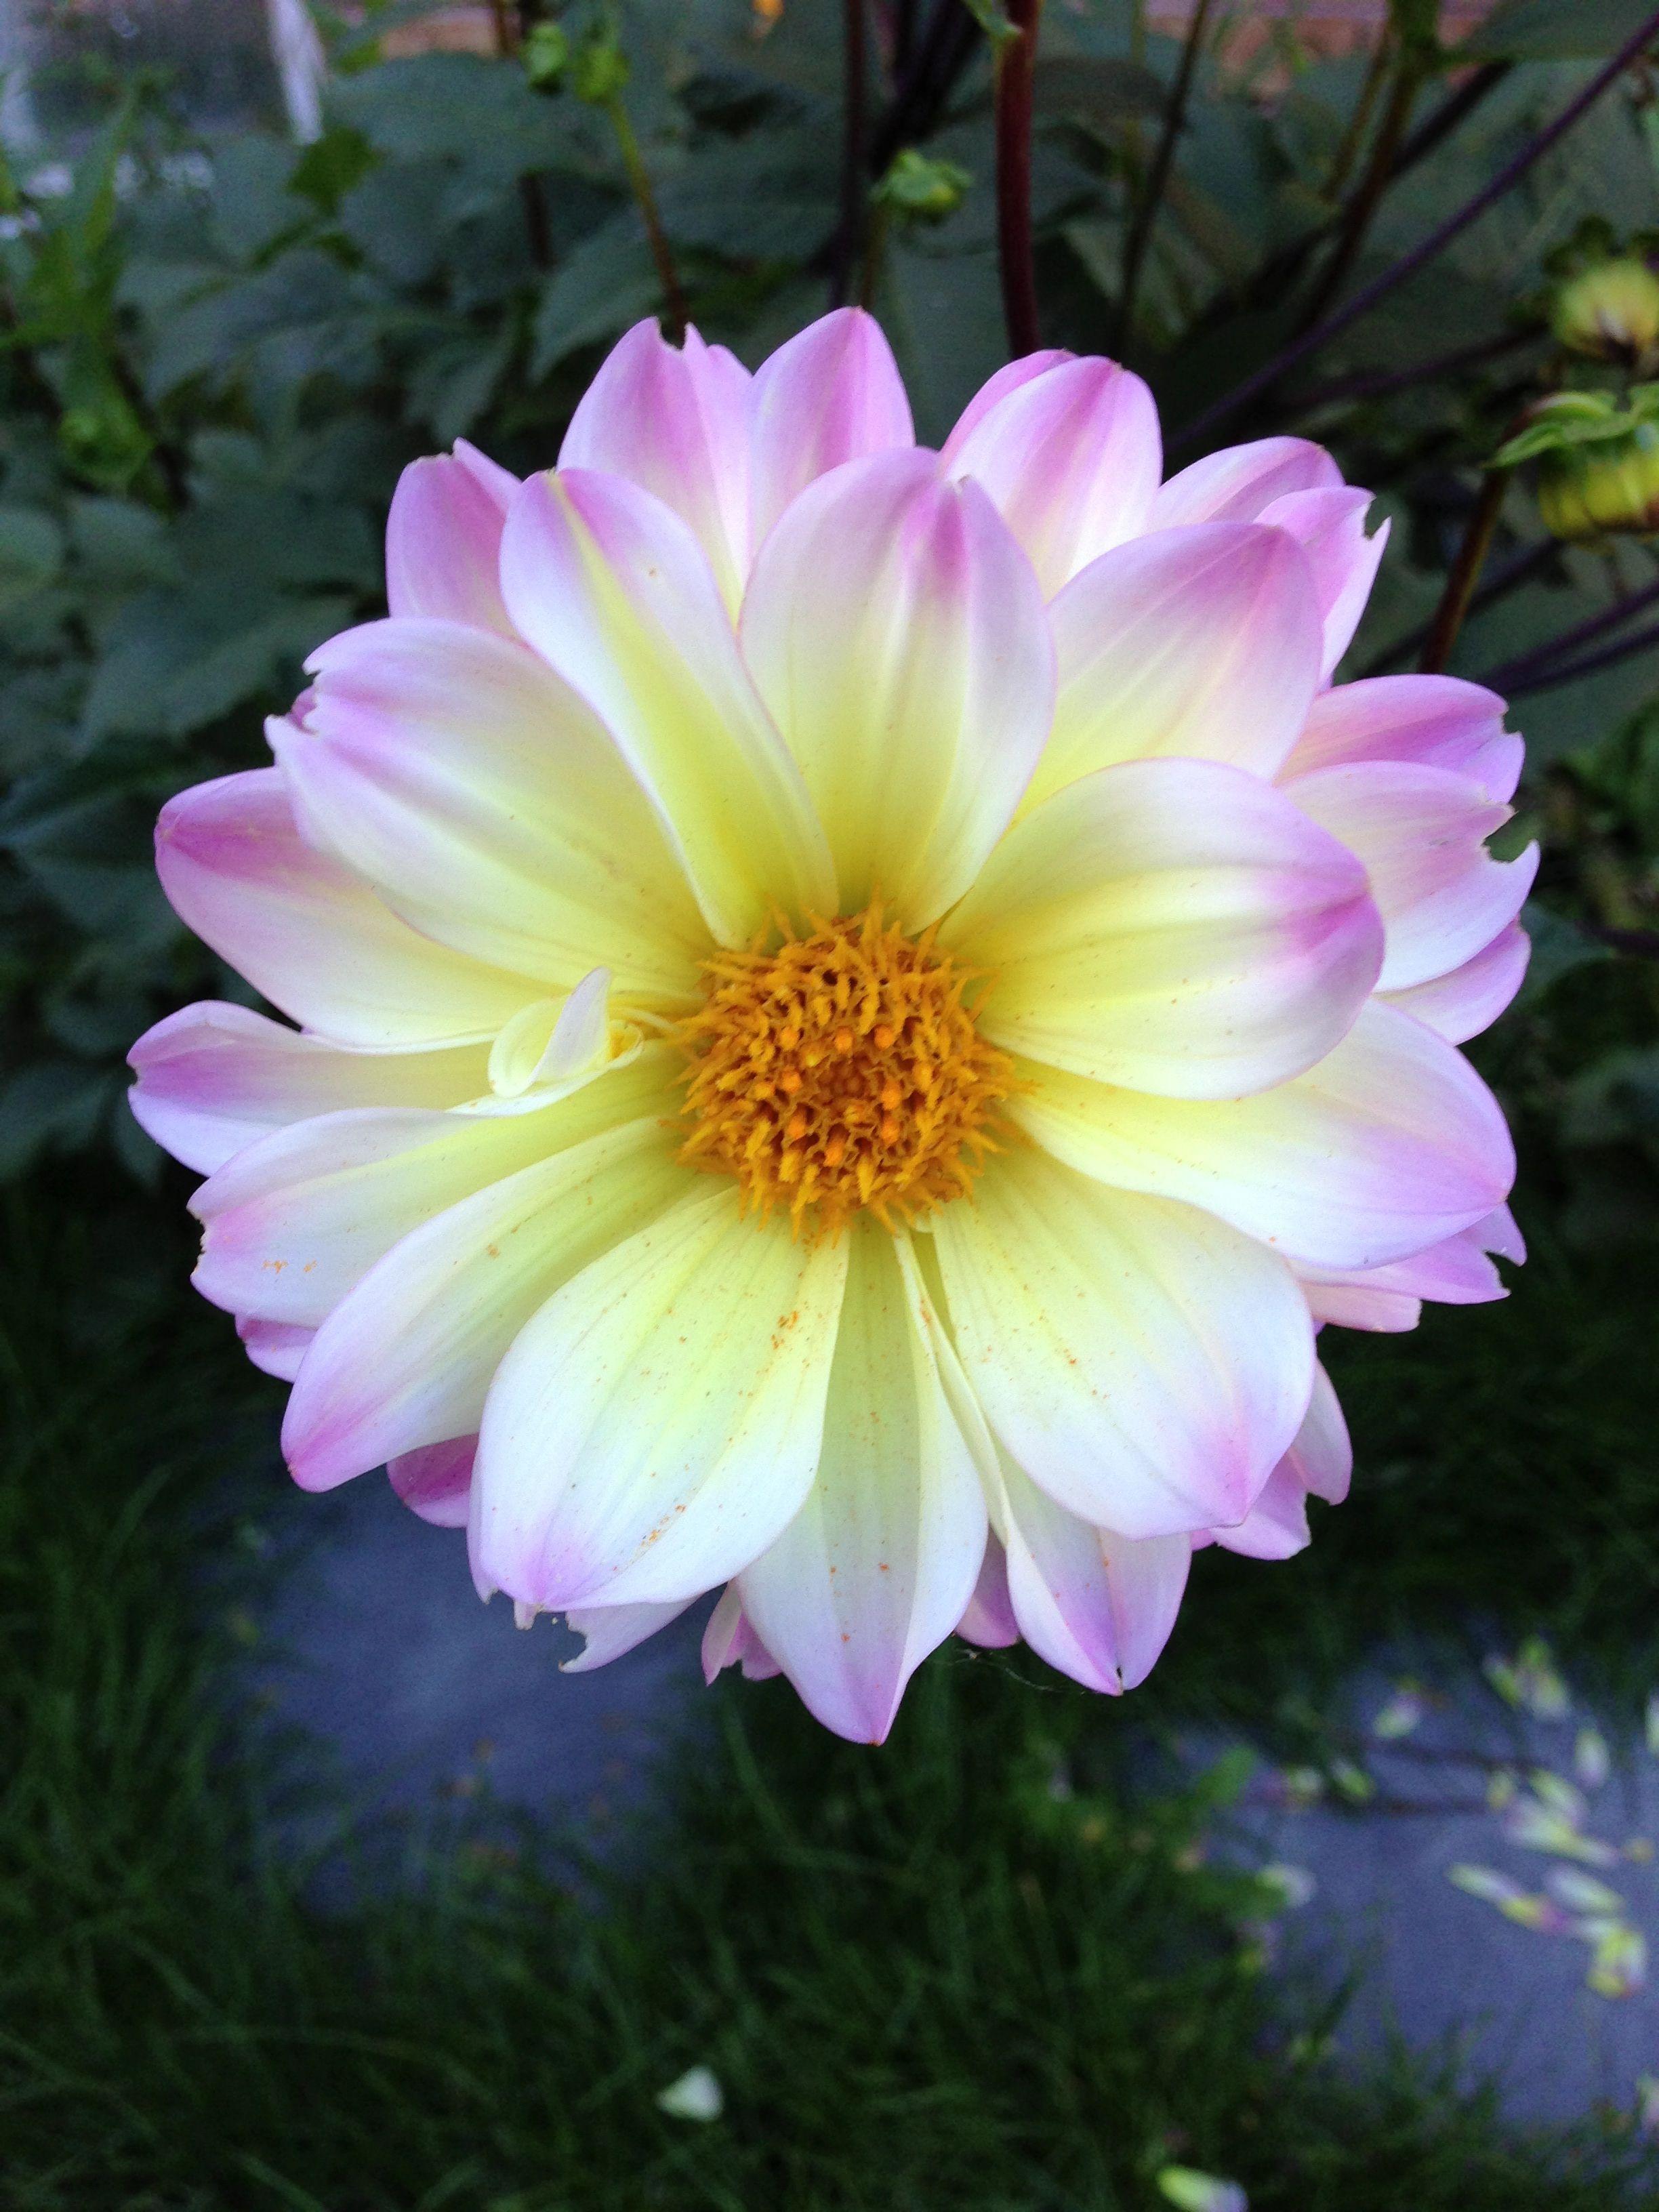 Dahlia with images rainbow garden dahlia blossom flower